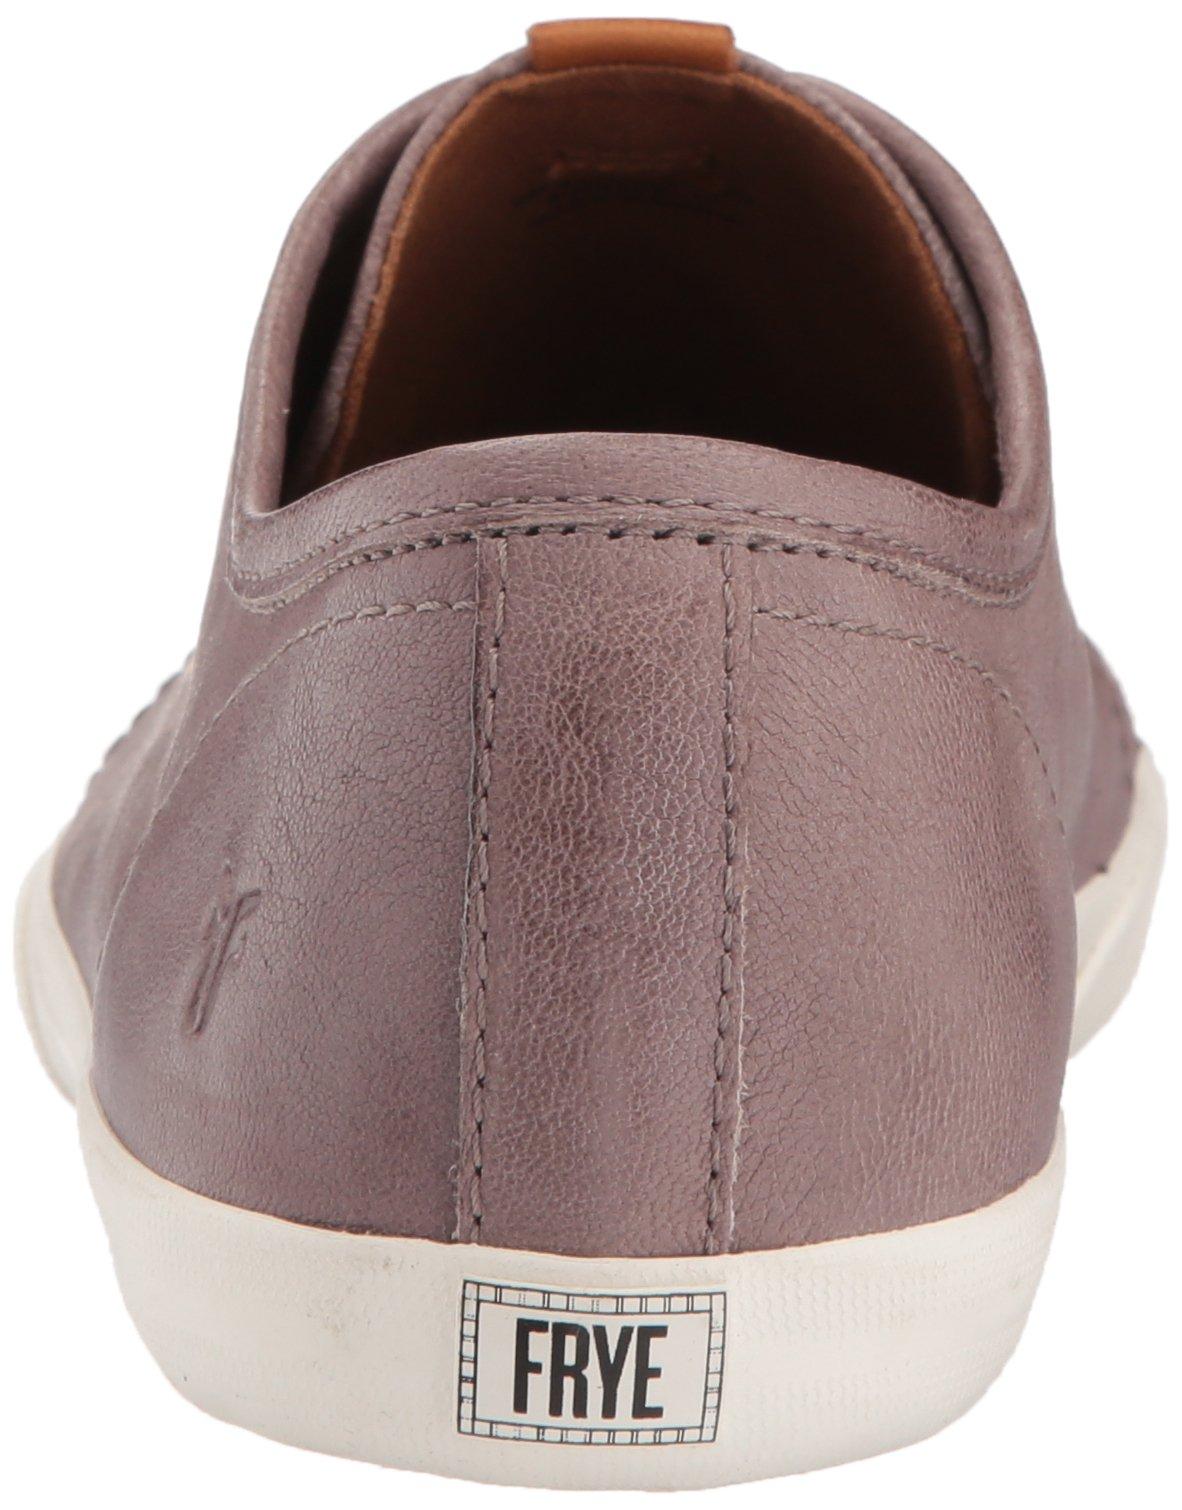 FRYE Women's Maya Low Lace Sneaker, Cement, 6.5 M US by FRYE (Image #2)